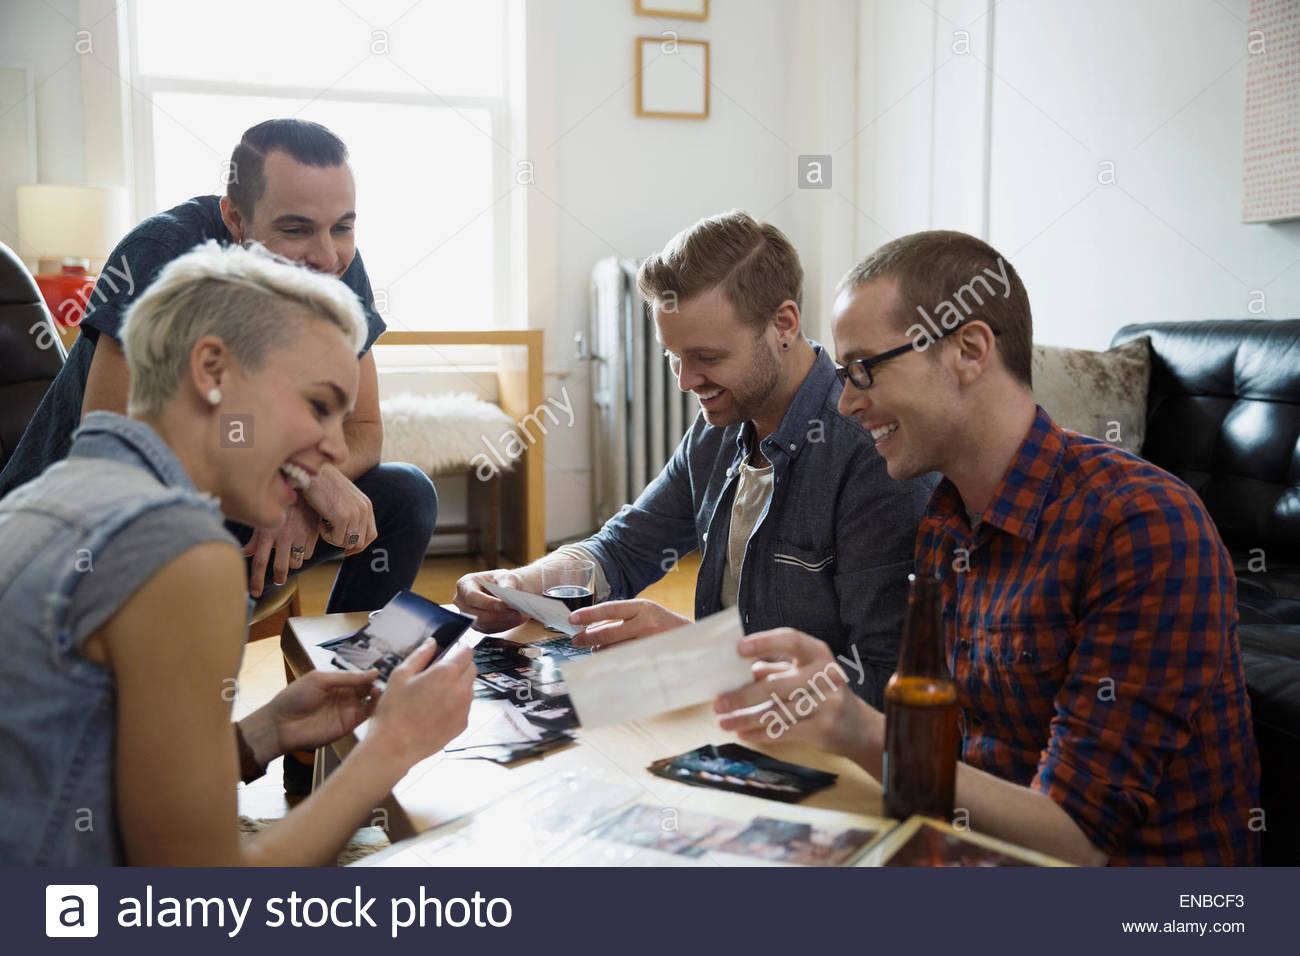 Mirar fotografías de amigos bebiendo cerveza salón Imagen De Stock